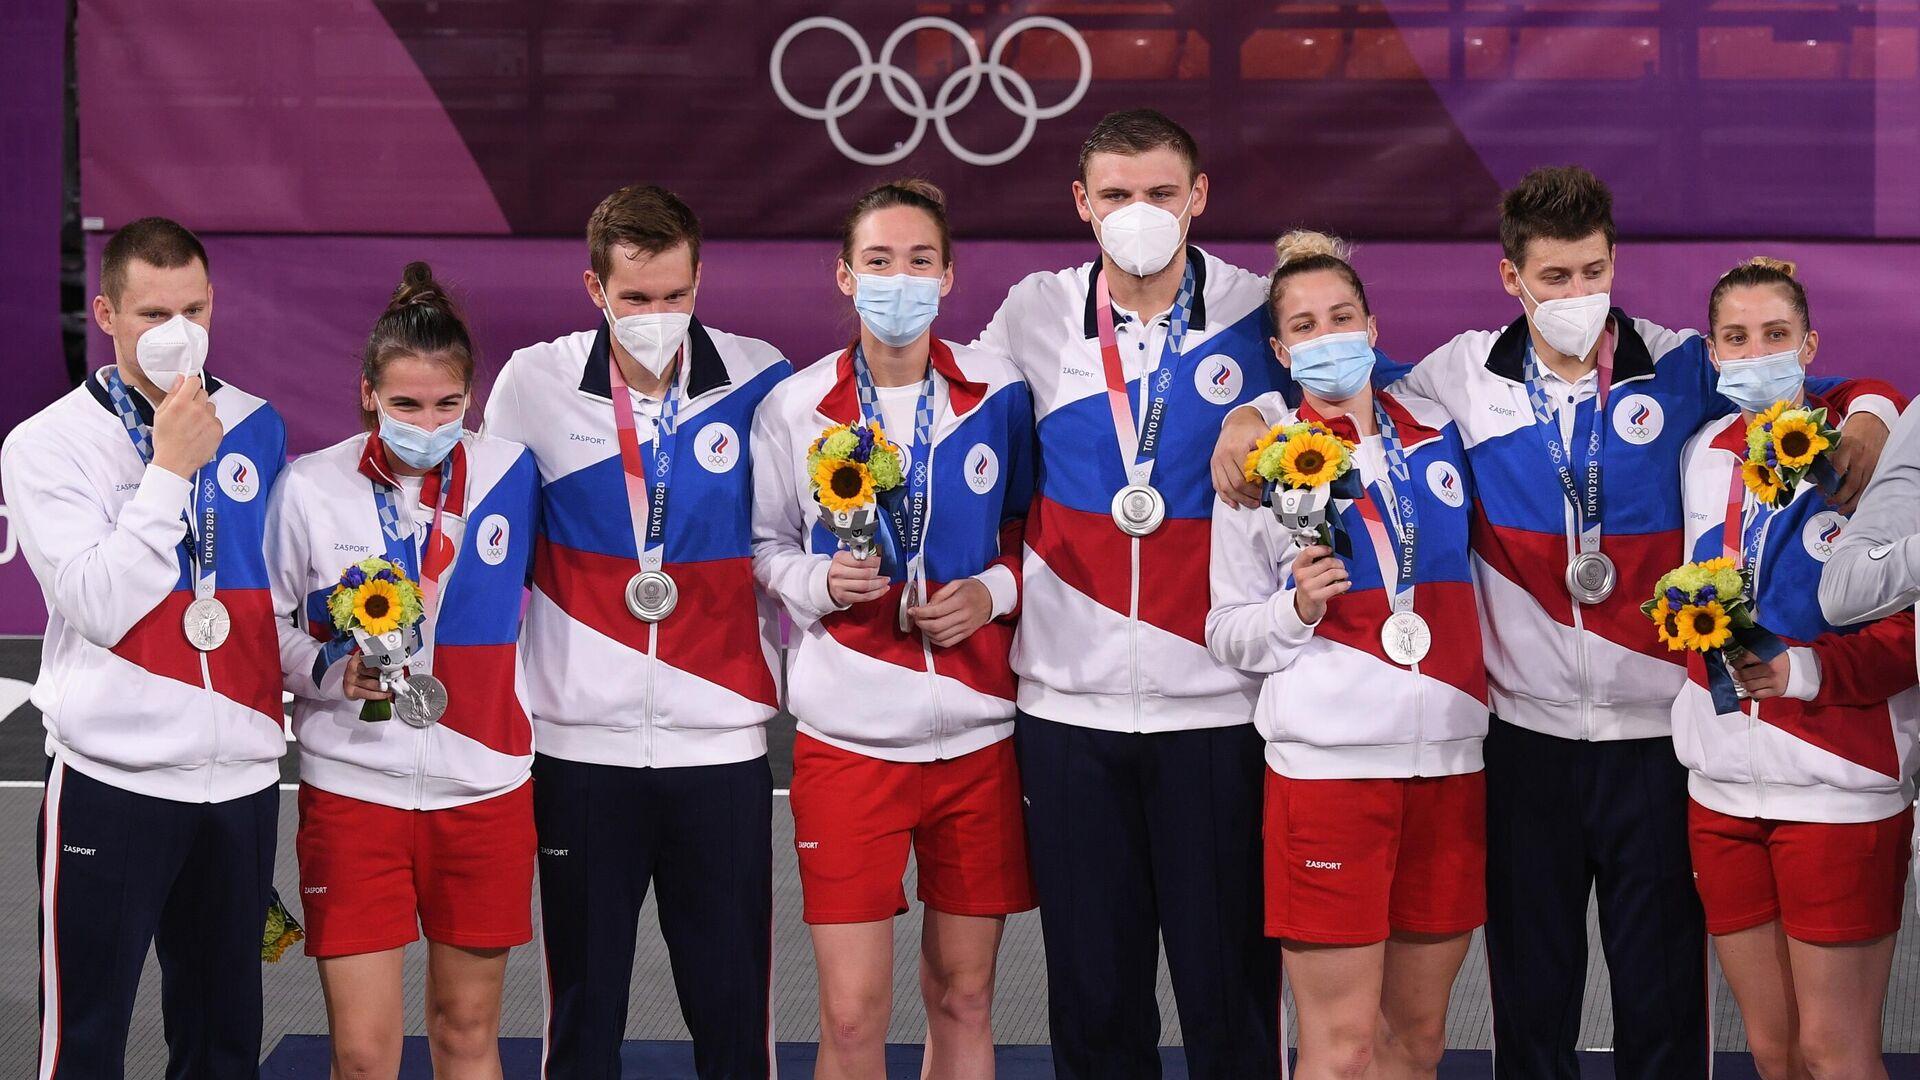 Члены мужской и женской сборной России по баскетболу 3х3 - РИА Новости, 1920, 29.07.2021